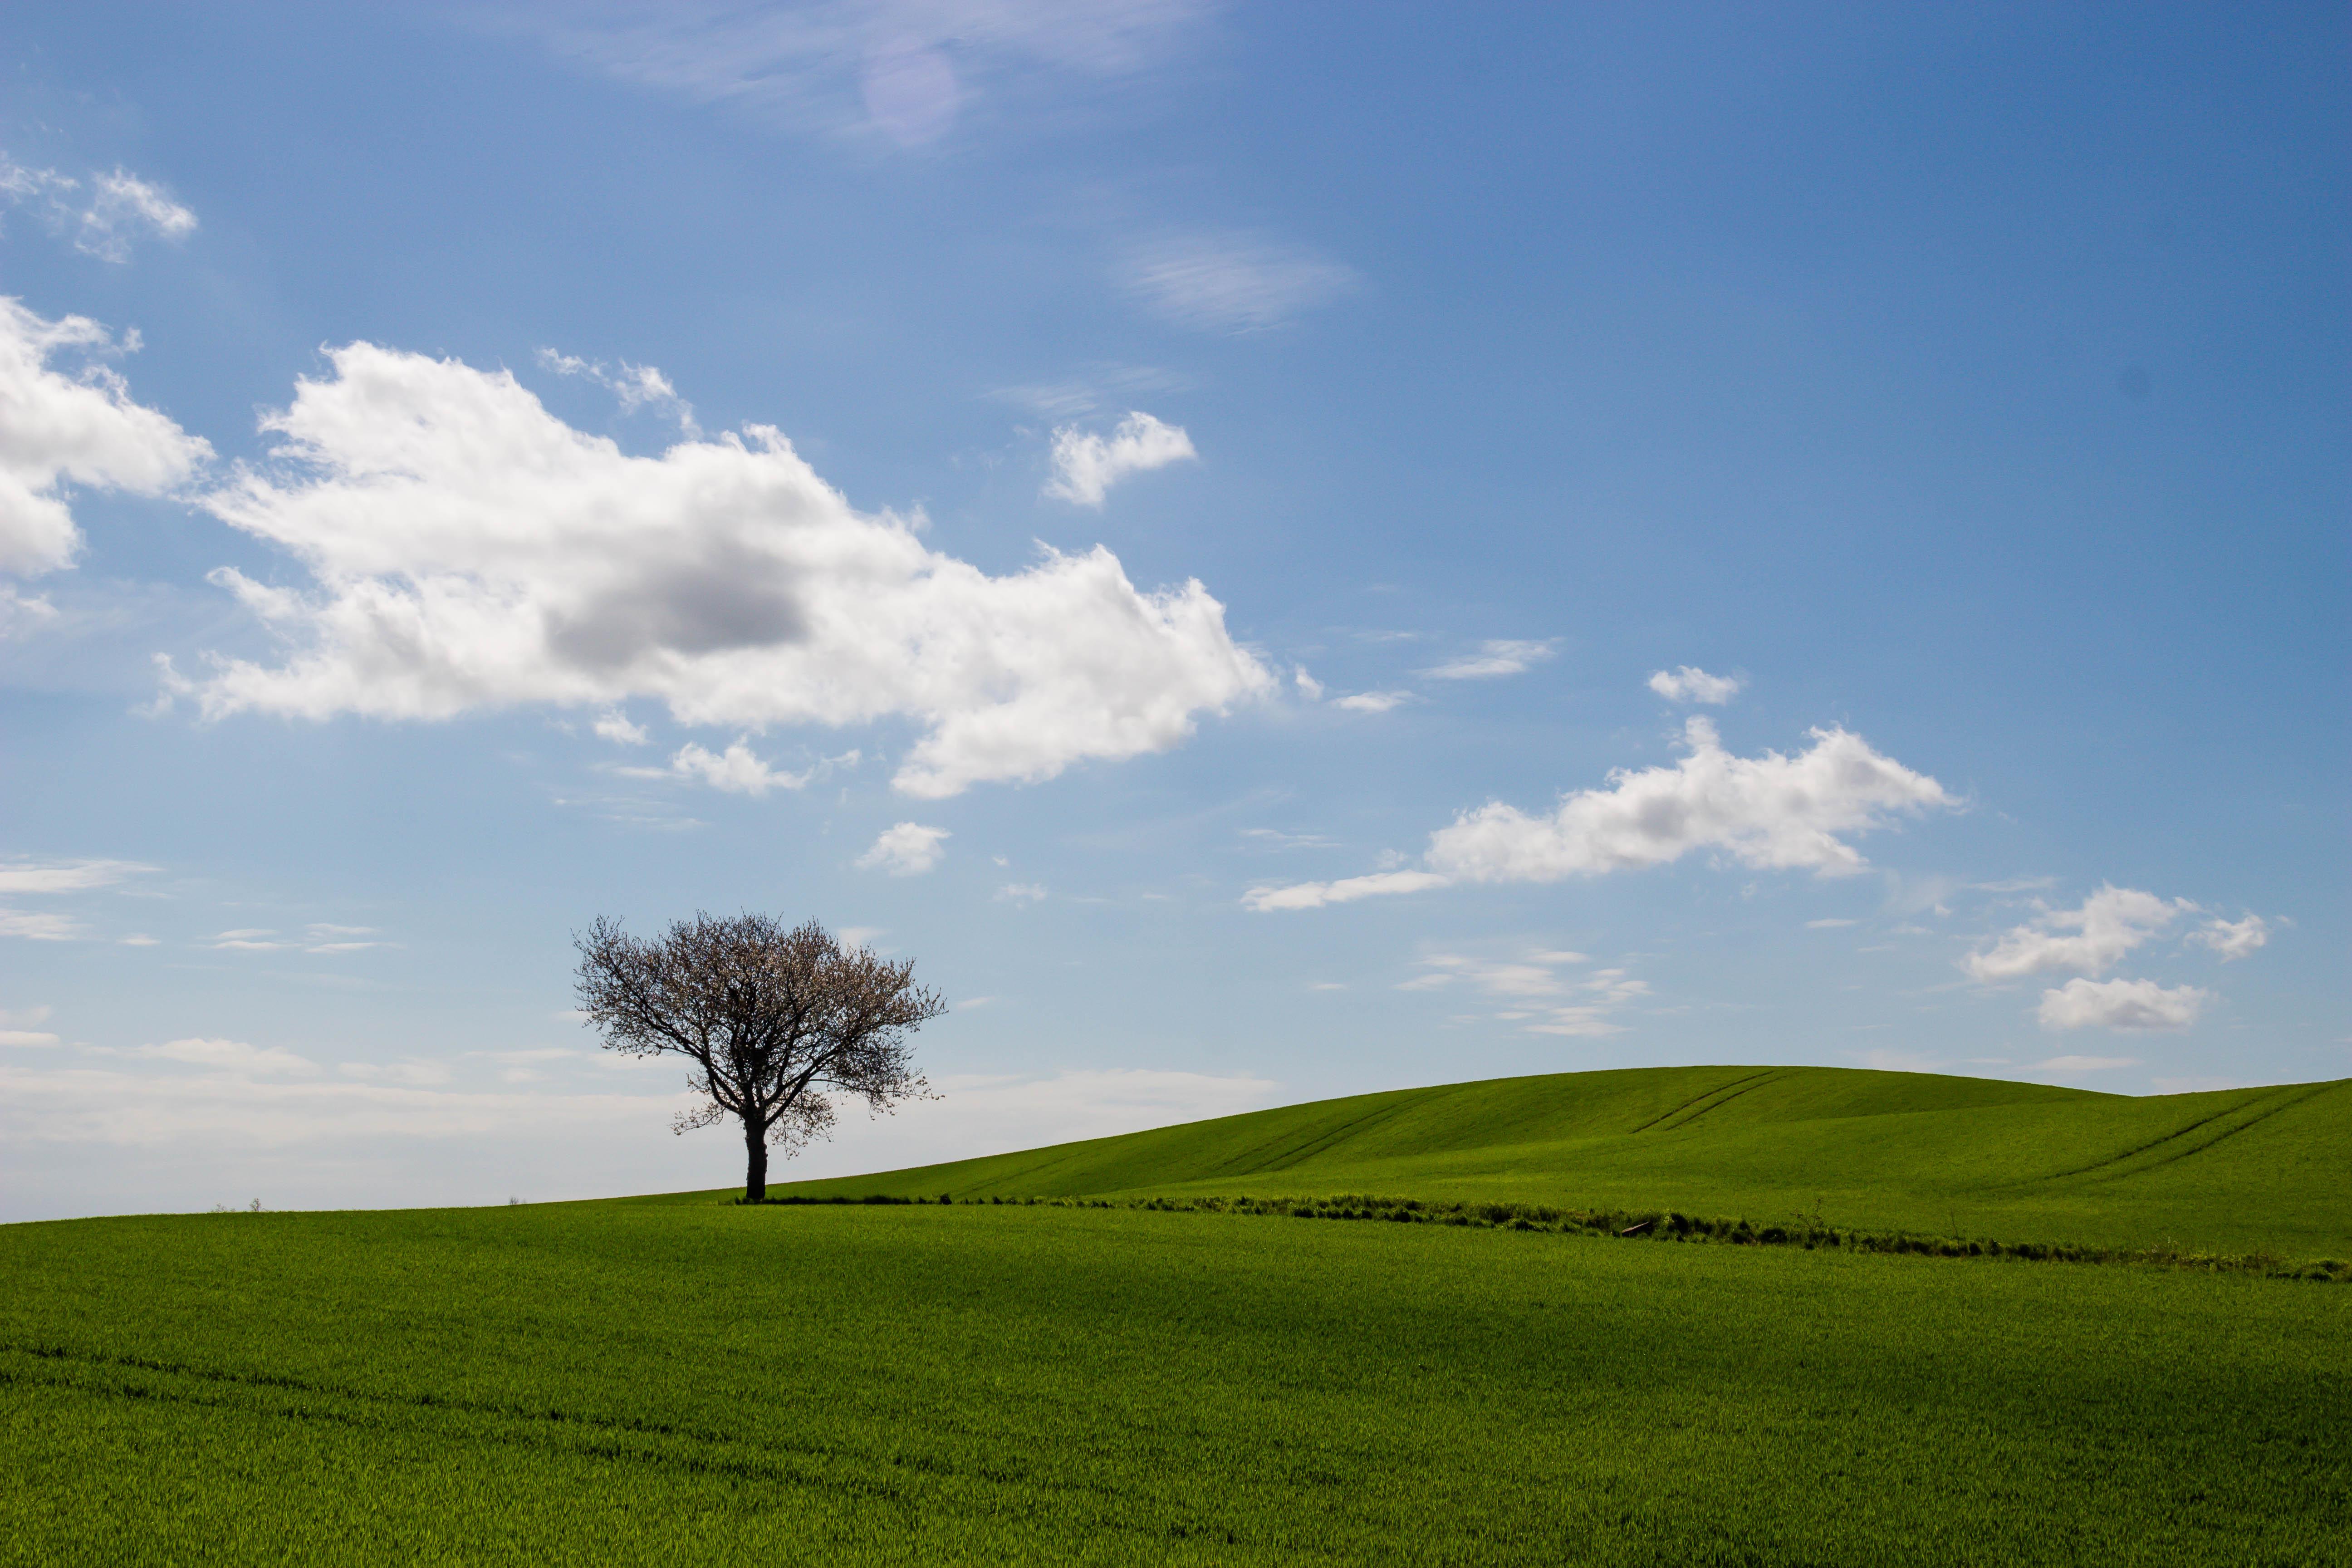 Fond d 39 cran lumi re du soleil paysage colline la for Agence horizon paysage